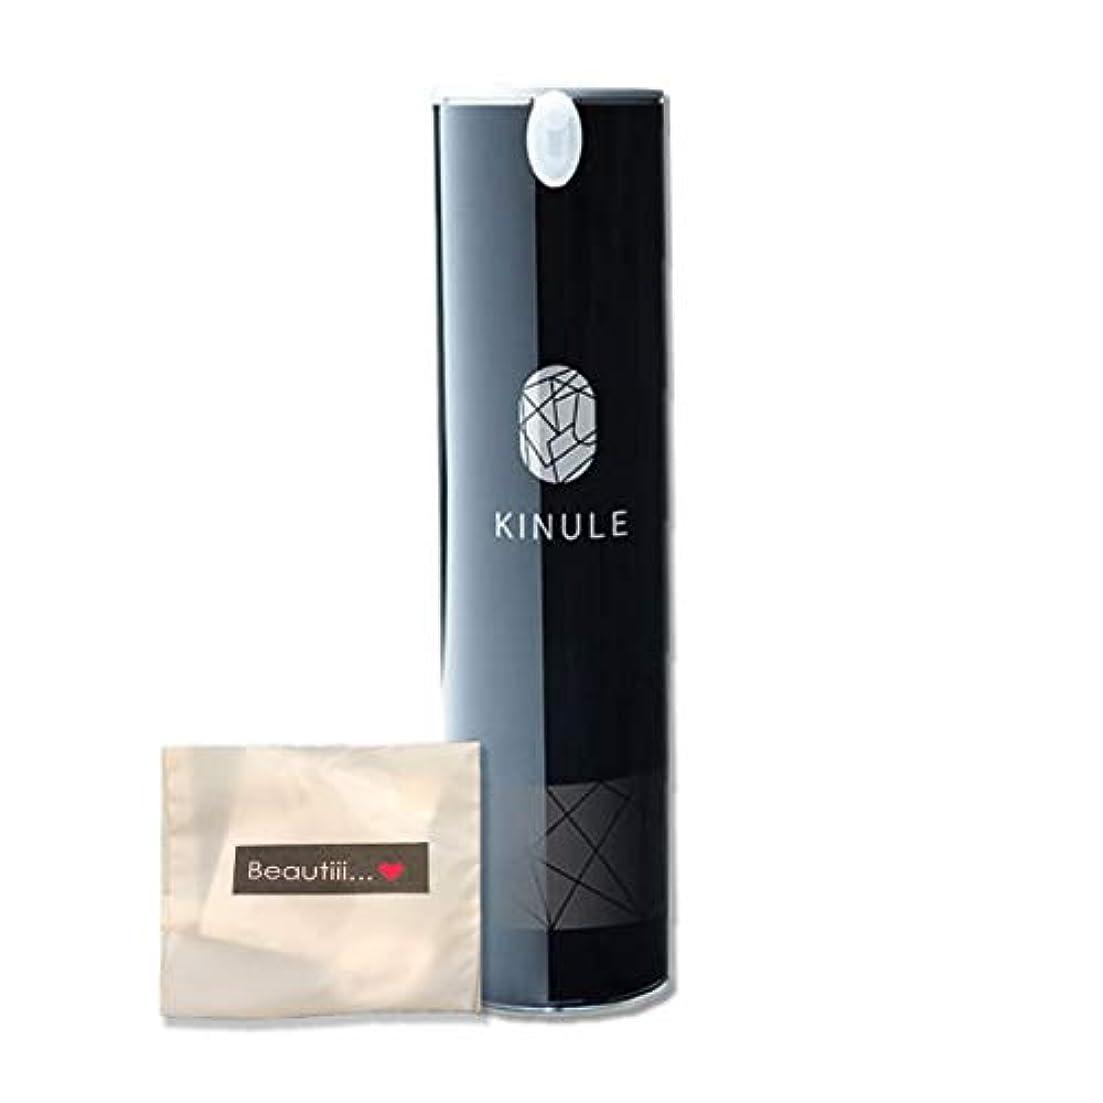 ネックレス選出する命題KINULE キヌレ 100ml & Beautiiiセット【ギフトセット】炭酸毛穴クレンジング!大人気!